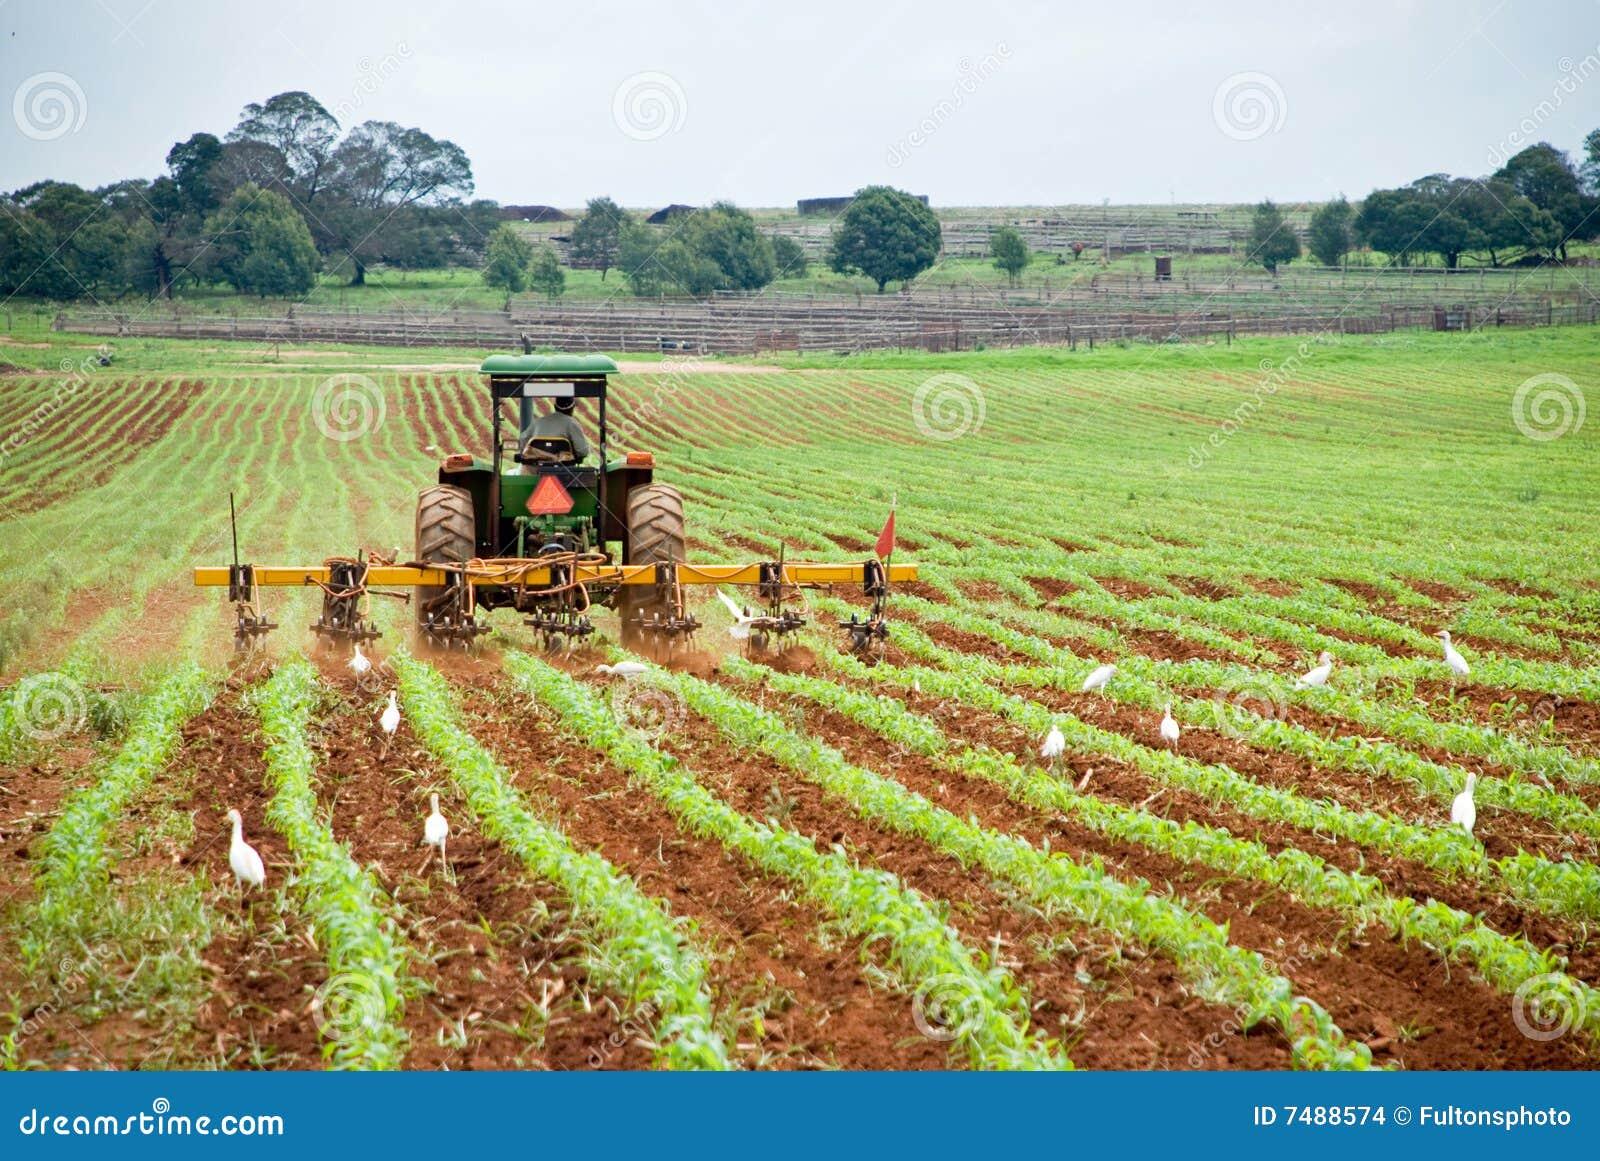 Tractor en ploeg